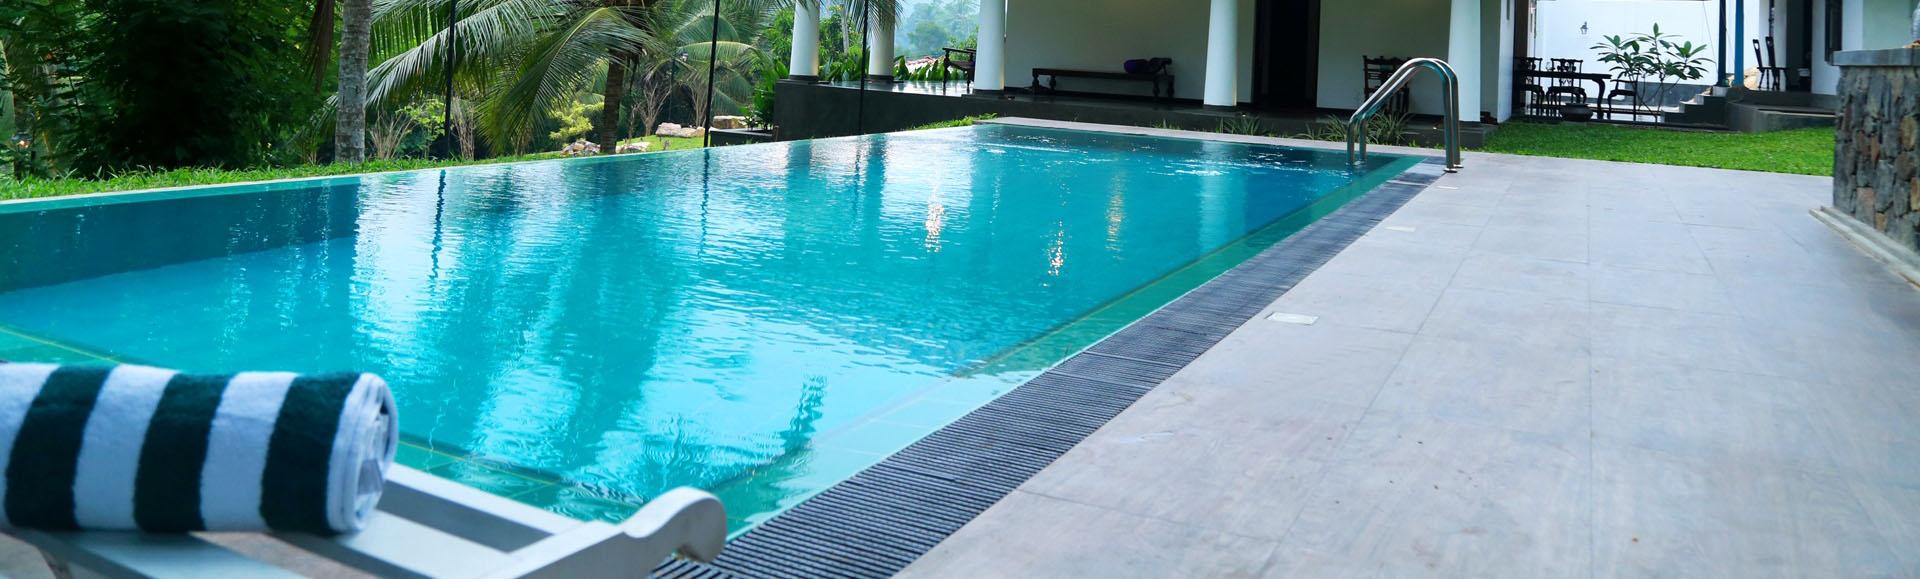 Sistema di filtrazione dell 39 acqua lo sapio pools - Realizzare una piscina ...